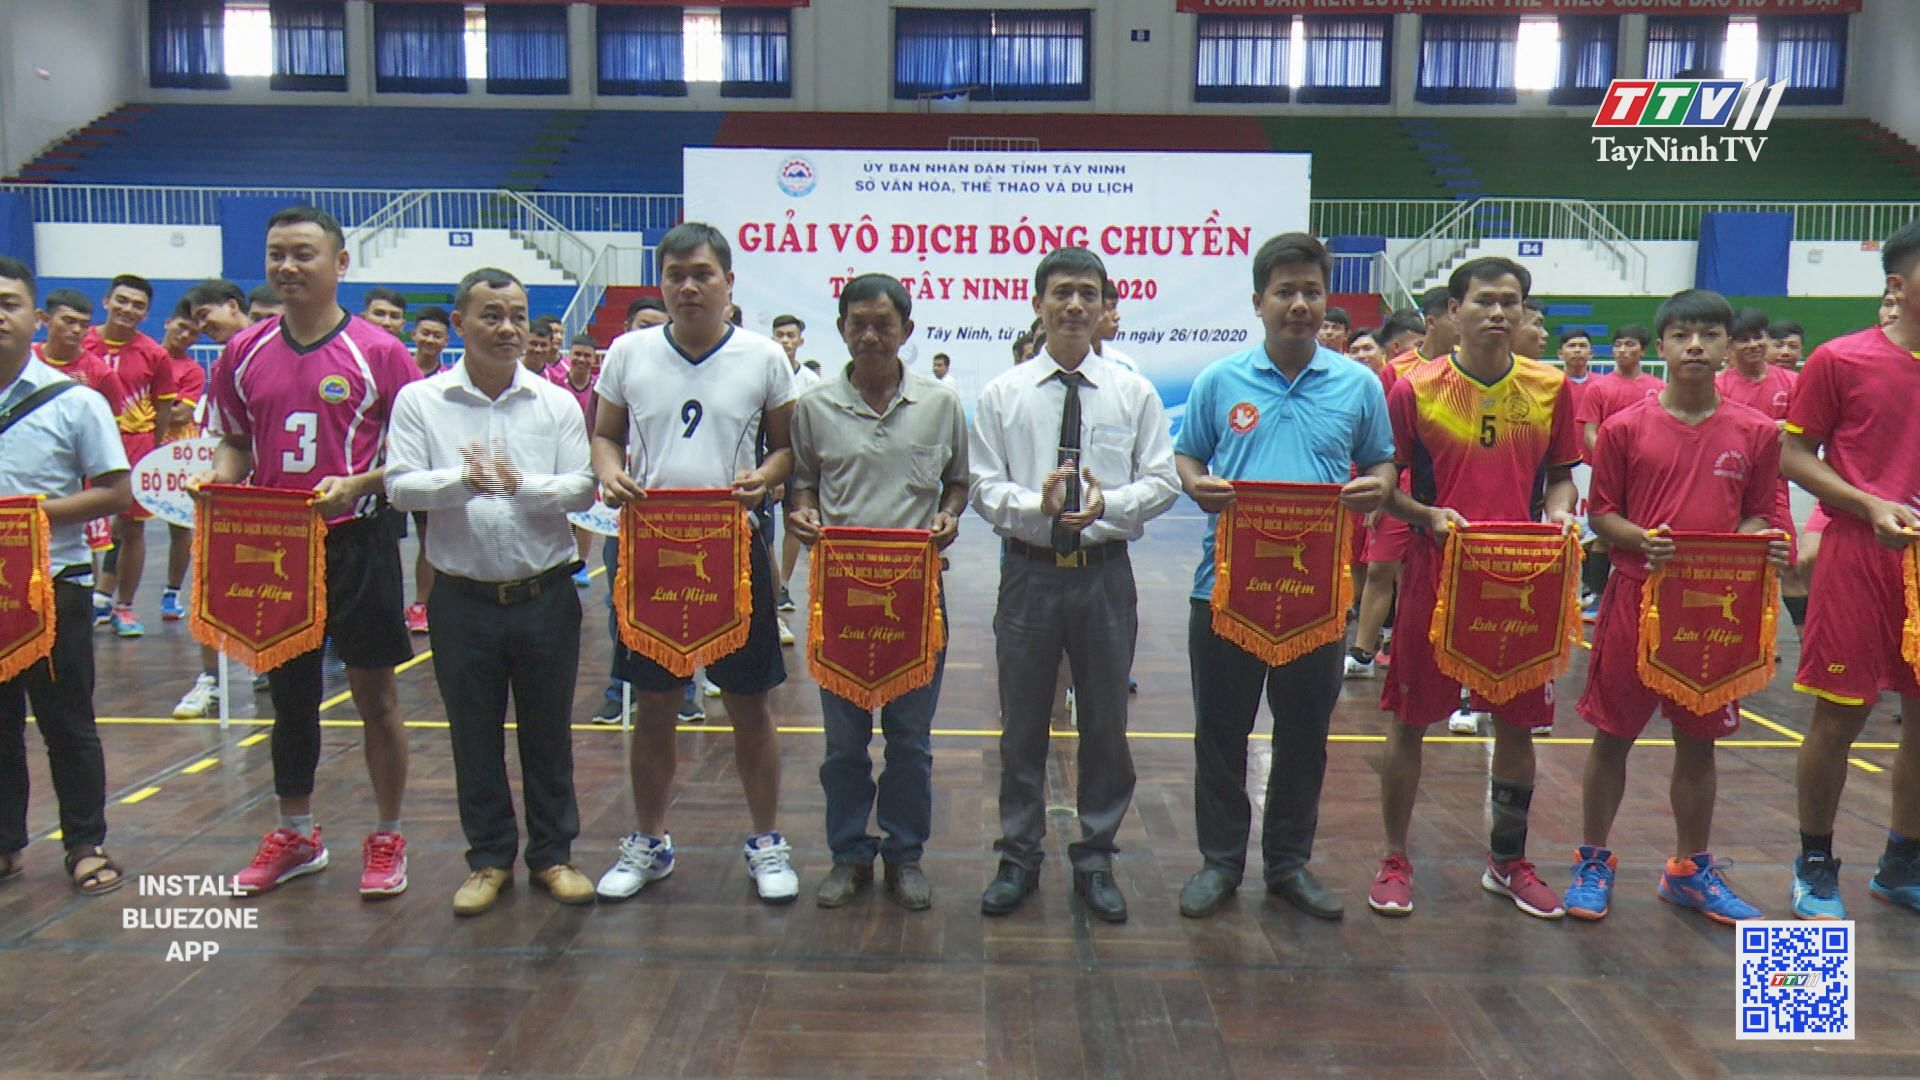 Khai mạc giải bóng chuyền tỉnh Tây Ninh năm 2020   BẢN TIN THỂ THAO   TayNinhTV